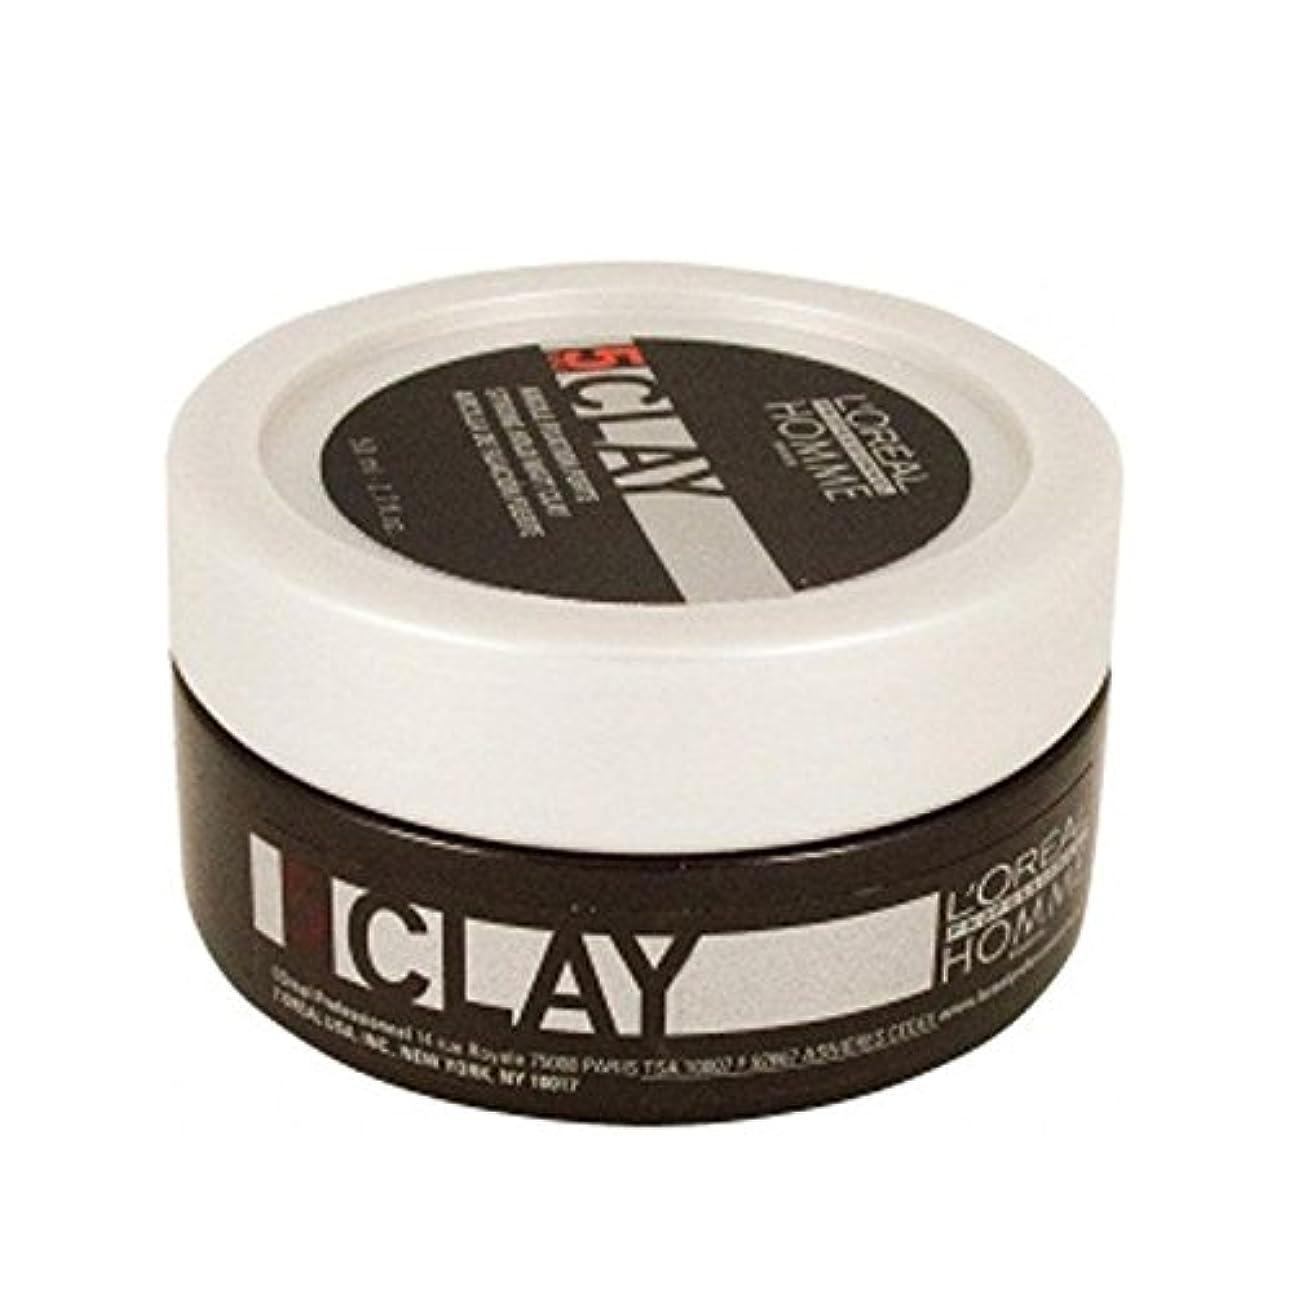 叫び声男オプションL'Or?al Professionnel Homme Clay ? Strong Hold Clay (50ml) (Pack of 6) - ロレアルプロフェッショナルのオム粘土 - 強力なホールド粘土(50ミリリットル) x6 [並行輸入品]